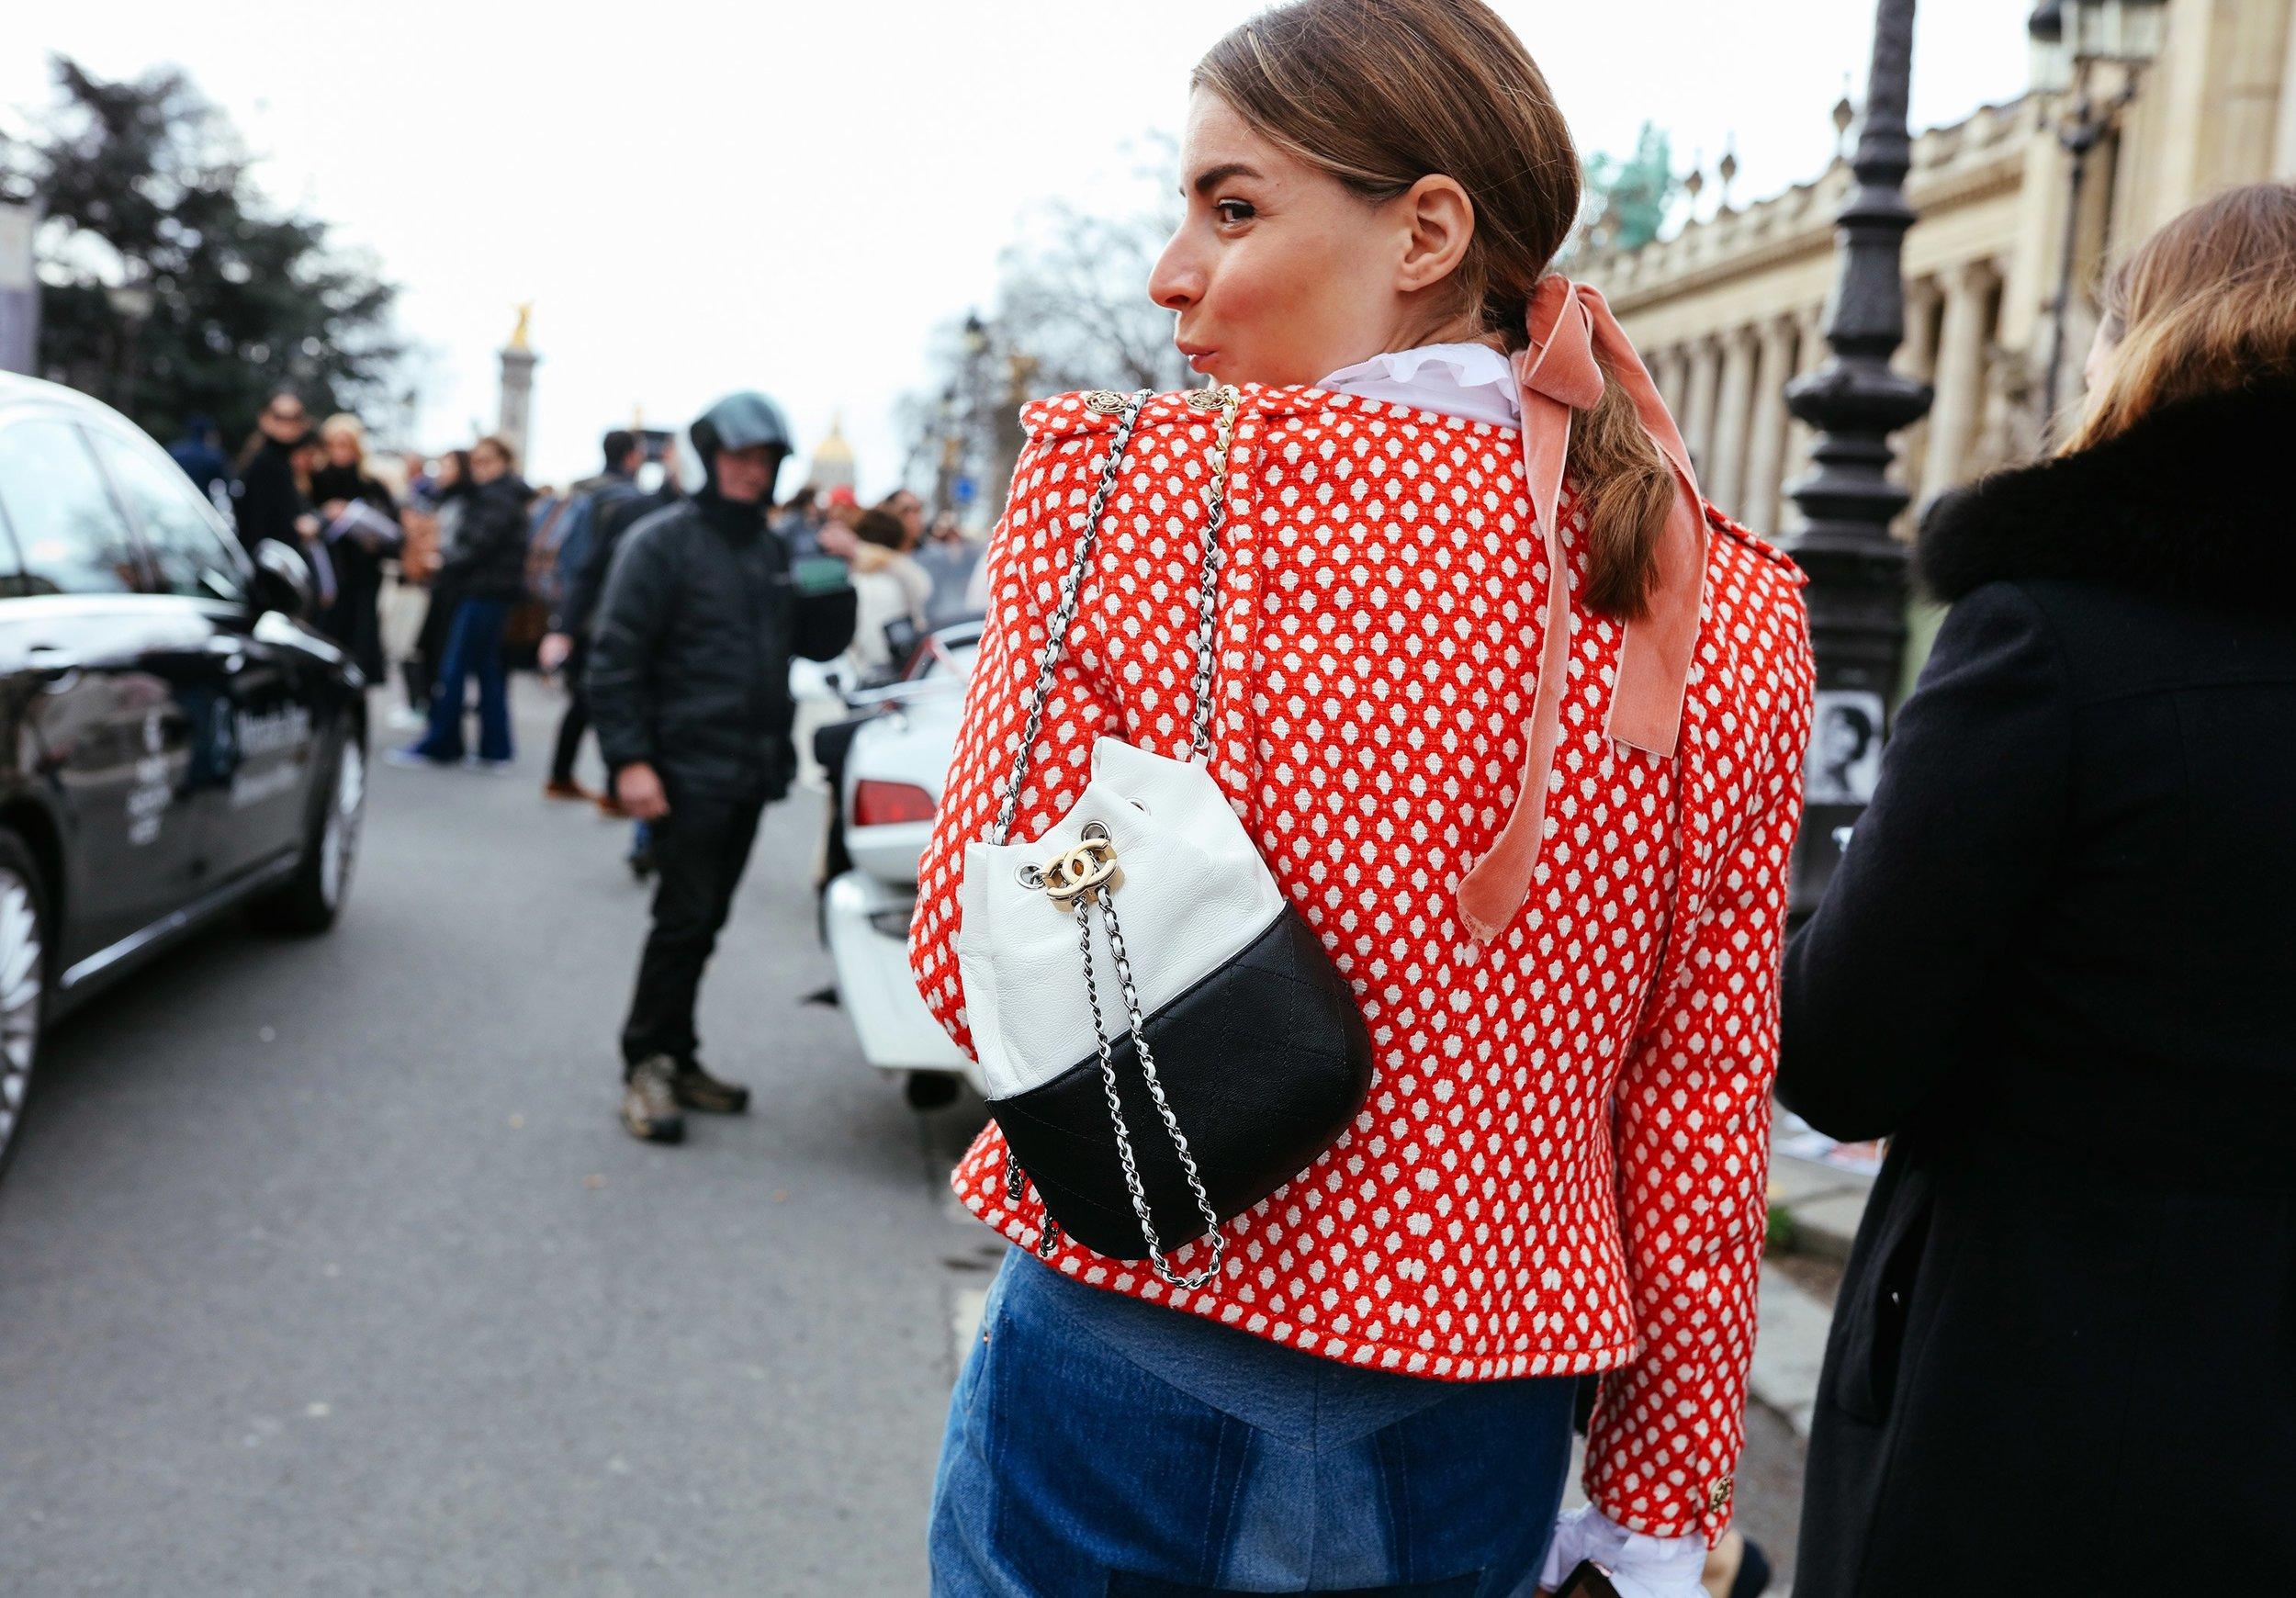 Irina Lakicevic Streetstyle Image: Vogue